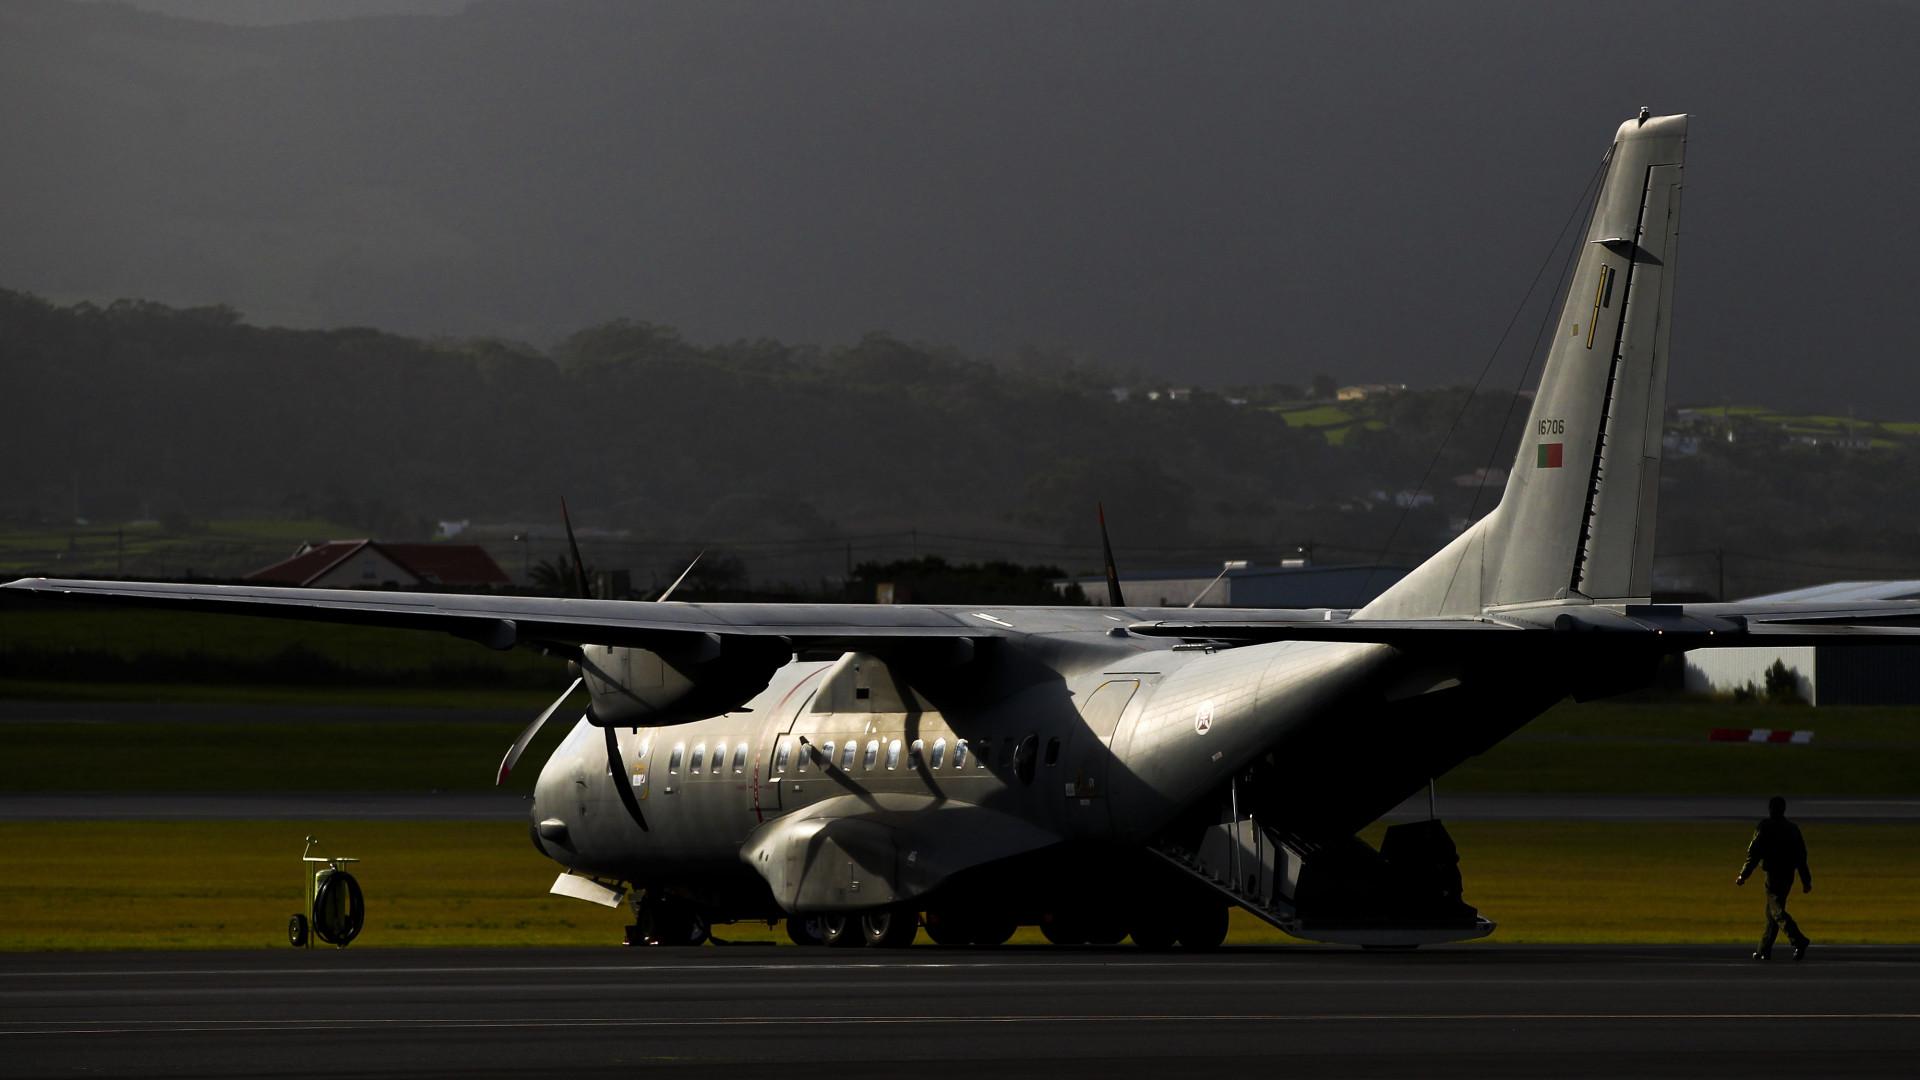 Avião da Força Aérea em missão de reconhecimento e avaliação de incêndios